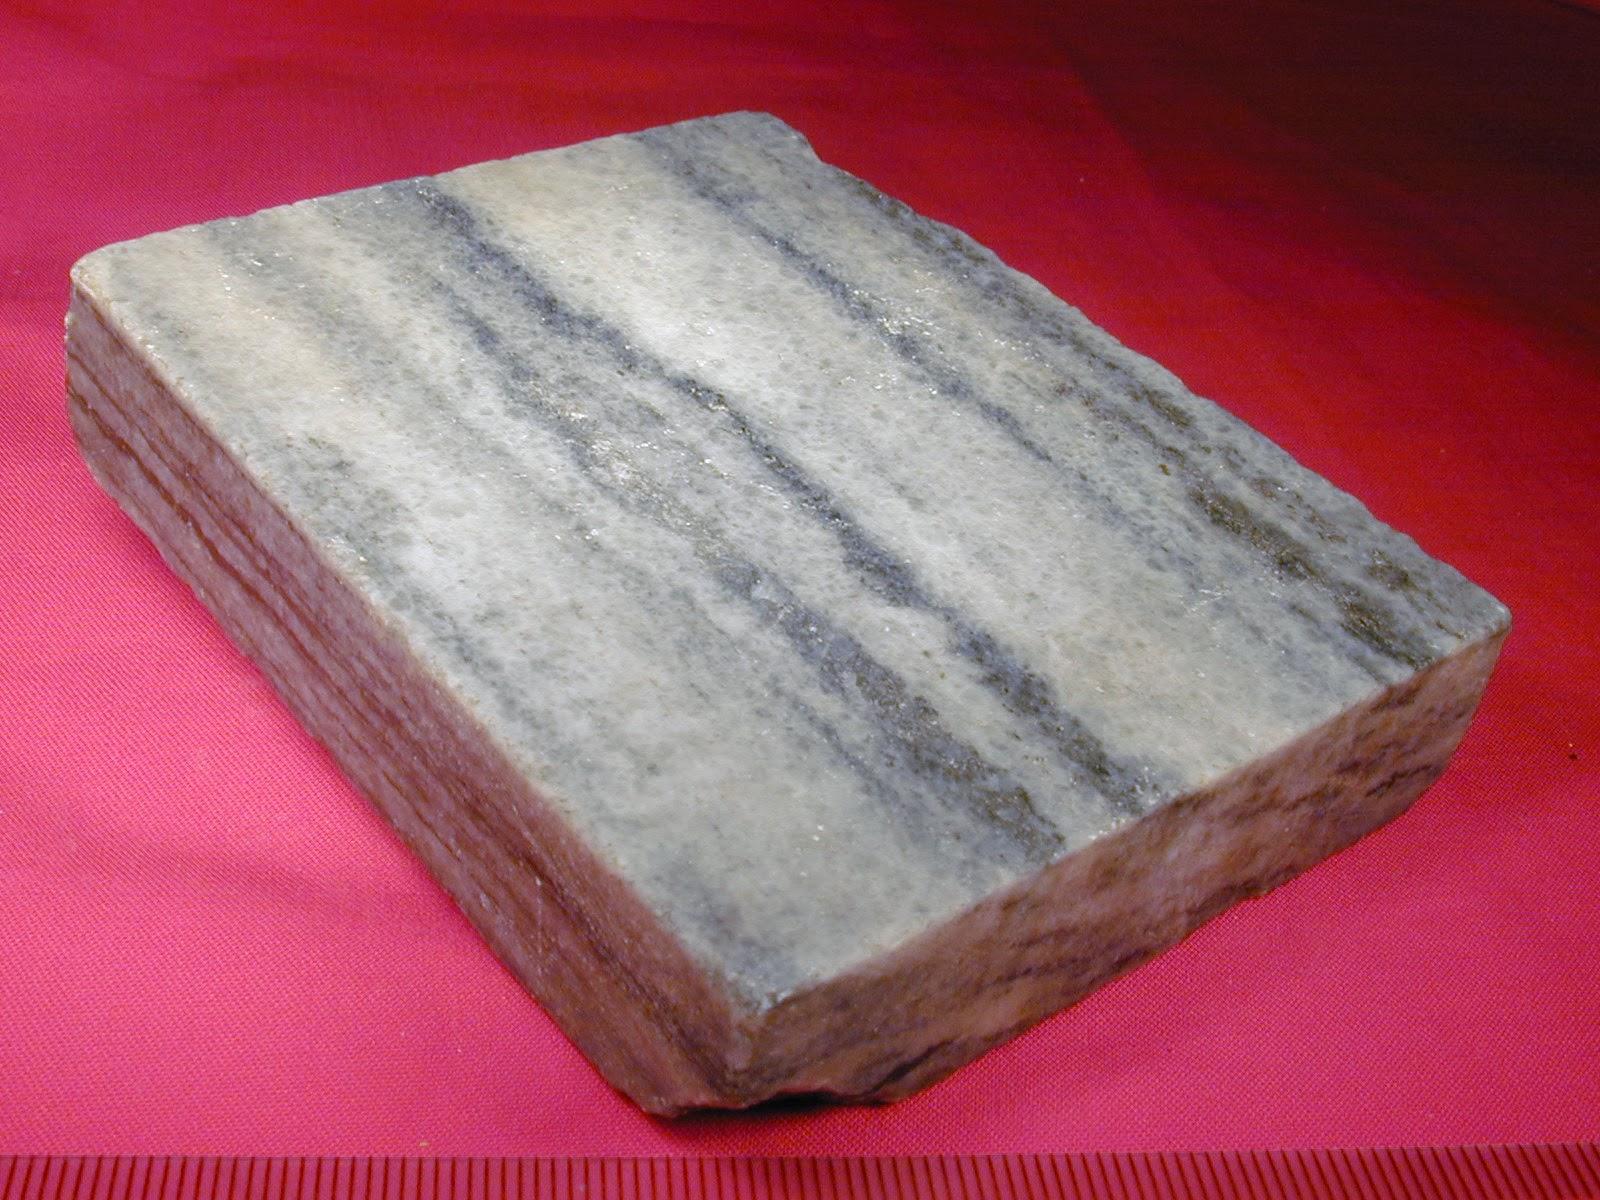 Biologia noviembre 2013 for Como se limpia el marmol